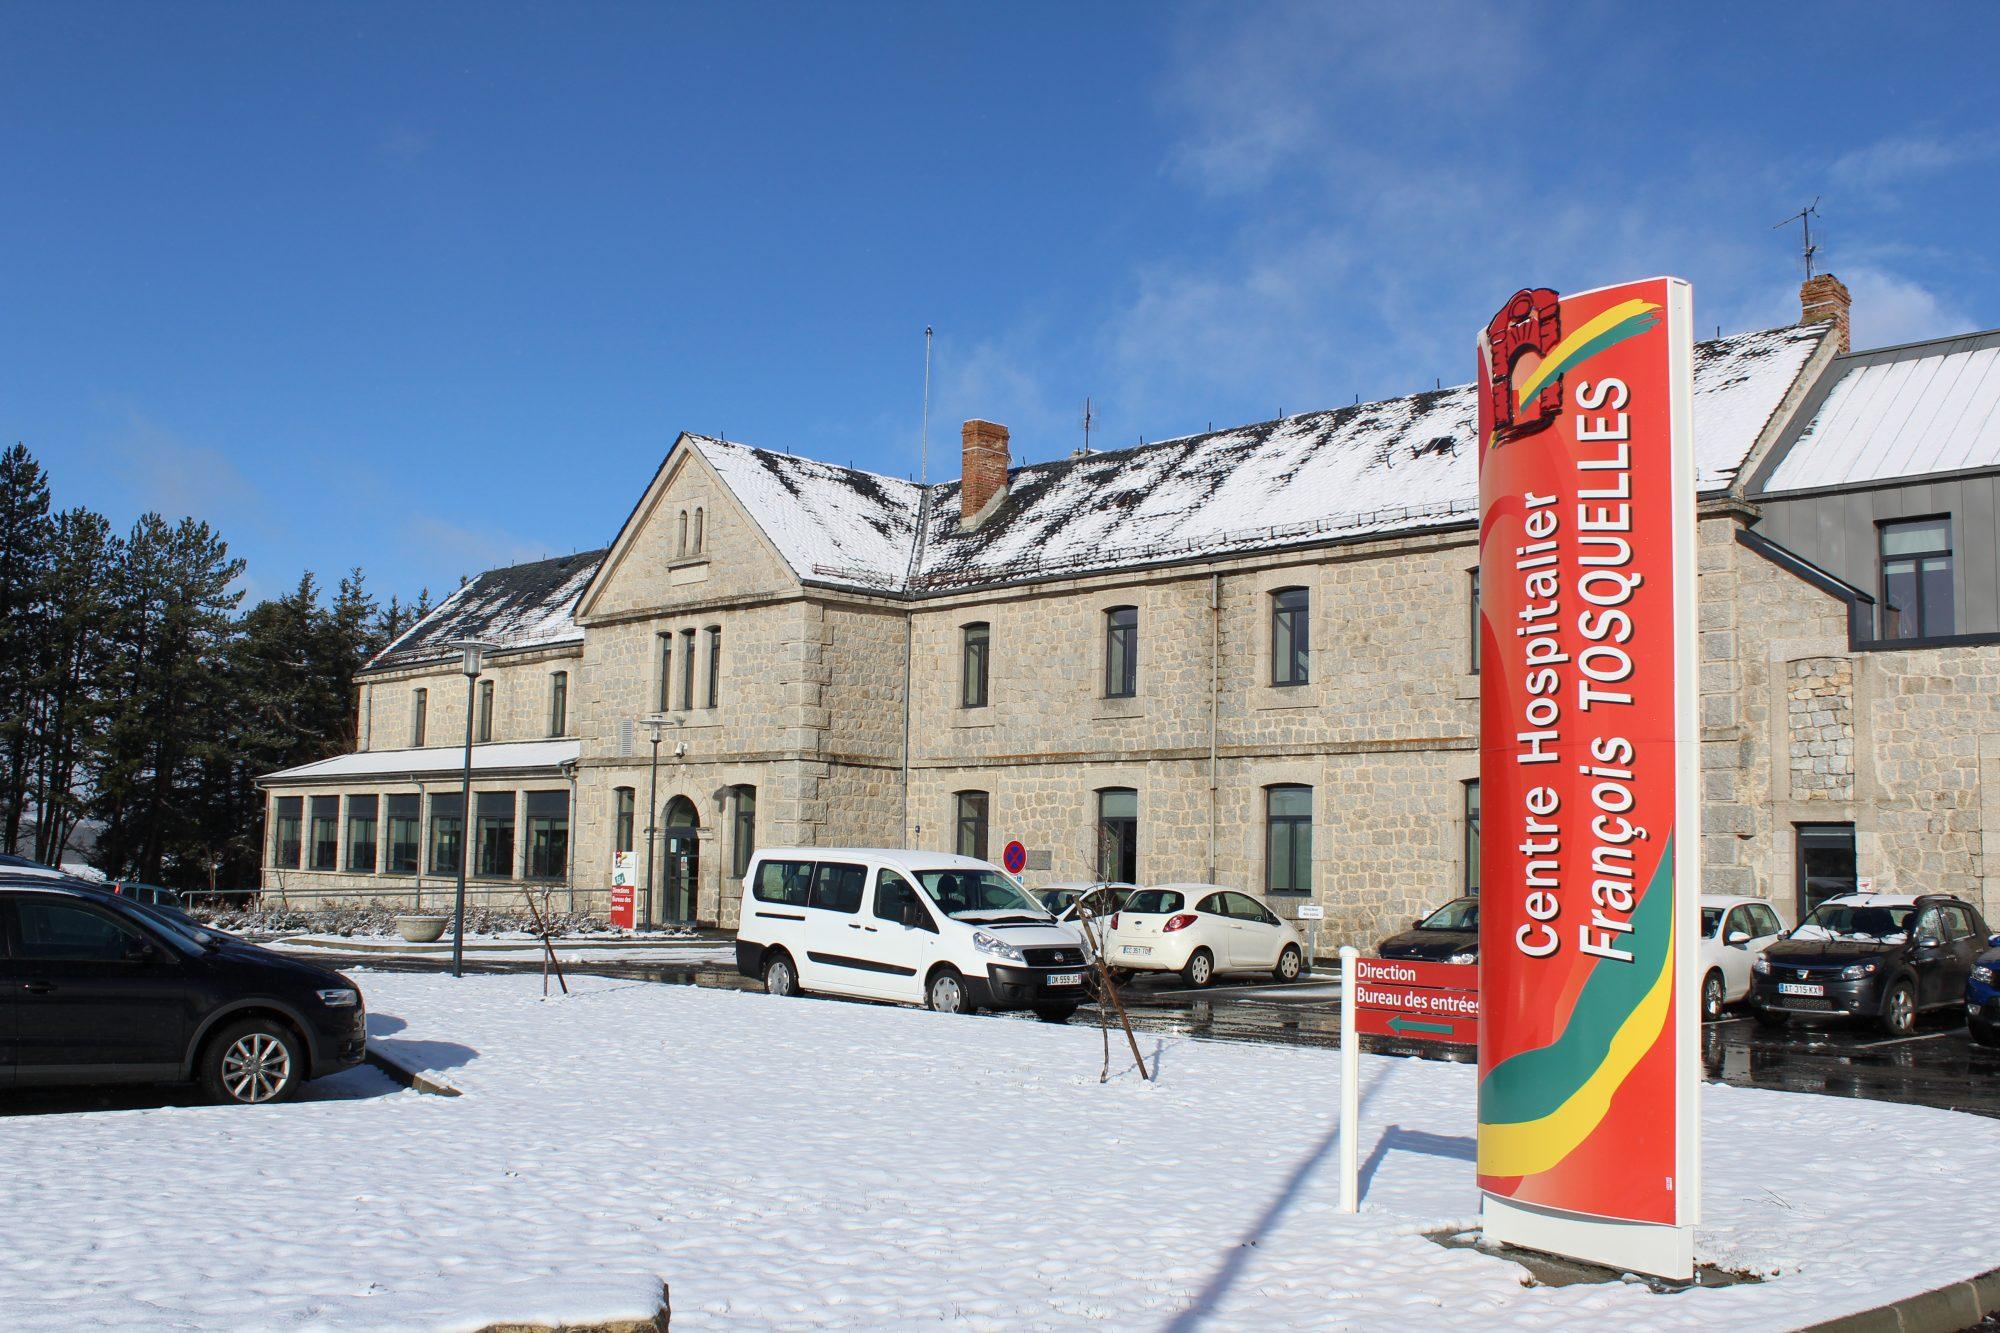 Vue enneigée du centre Tosquelles à St Alban